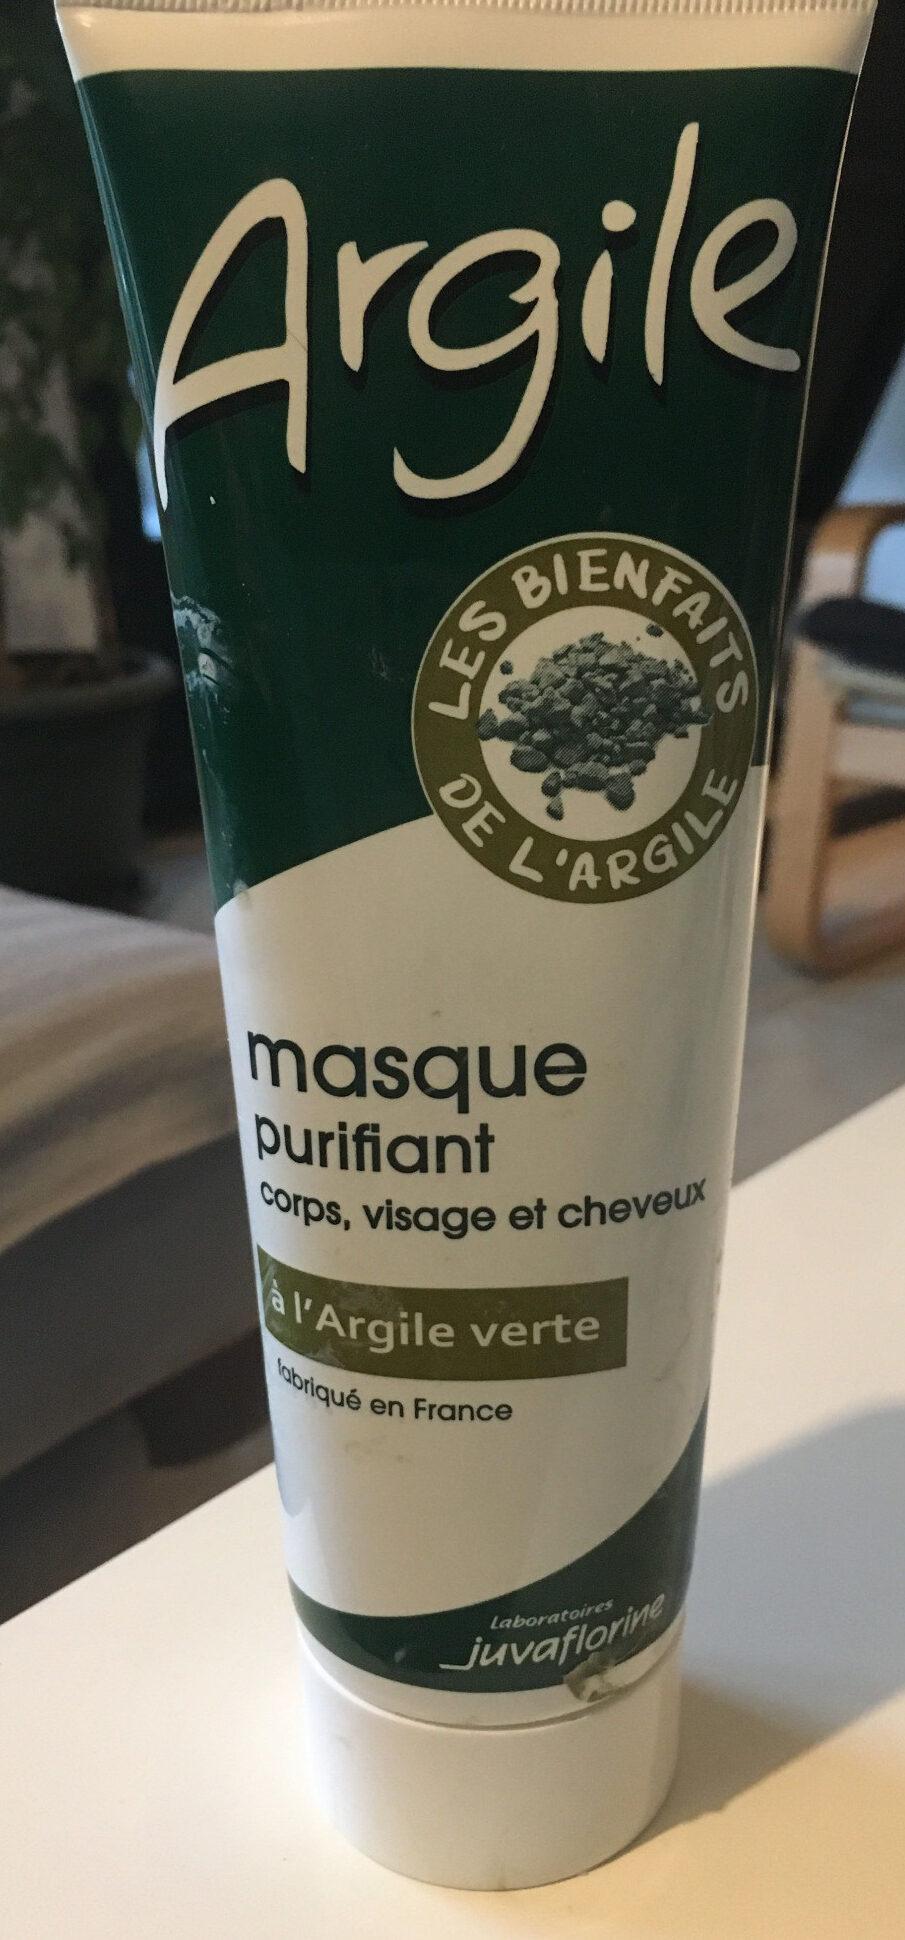 Masque Purifiant Naturel à L'Argile Verte. - Produit - fr